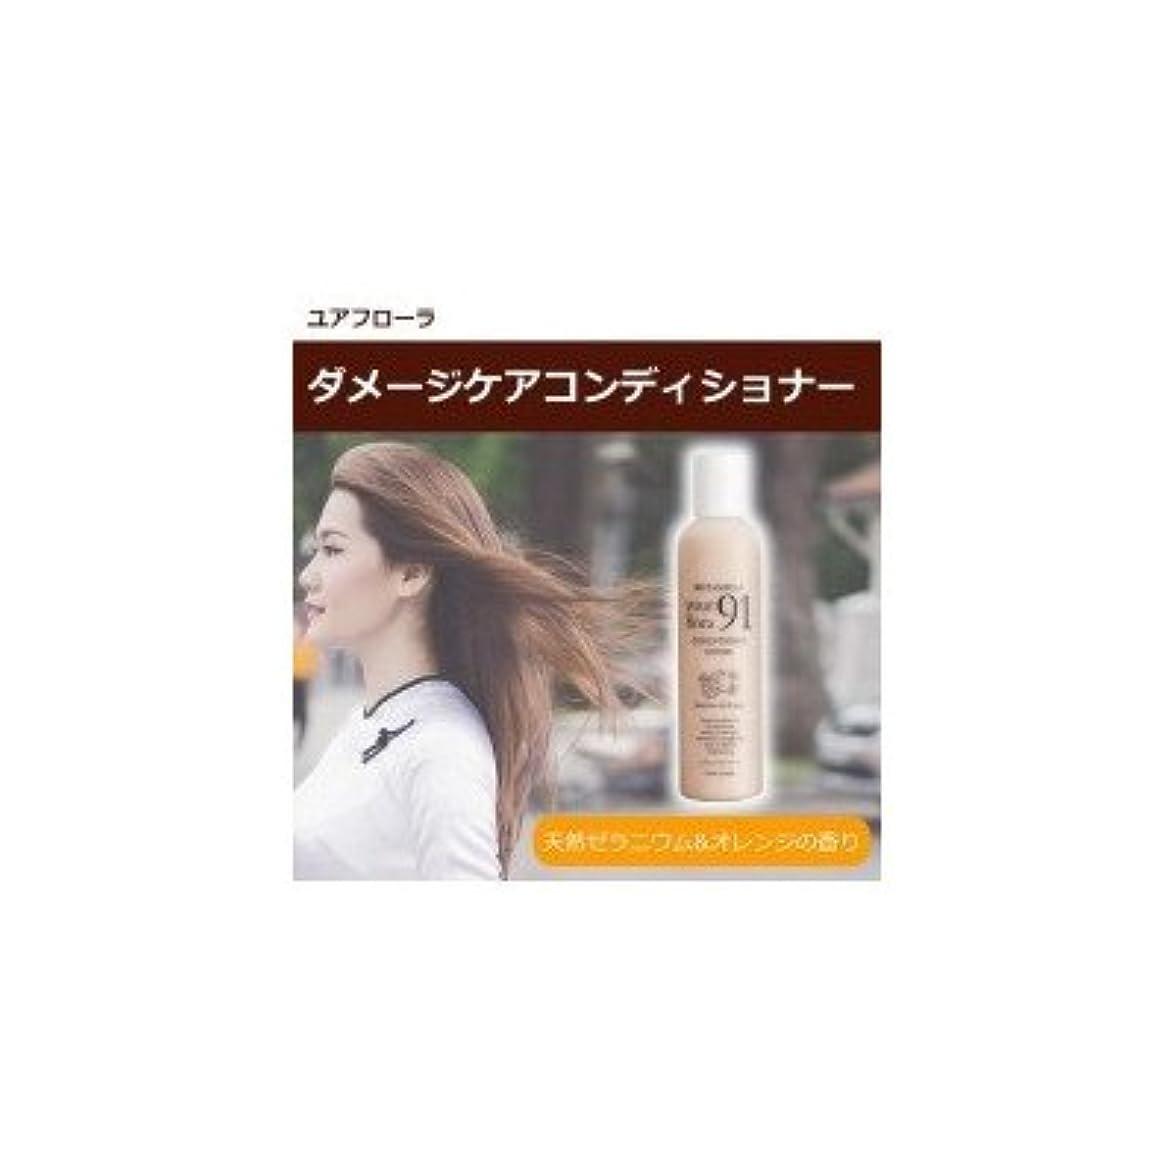 リベラルボーナス日常的に植物成分をふんだんに取り入れ 髪にうるおいを与えます ユアフローラ ダメージケアコンディショナー 天然ゼラニウム&オレンジの香り 240ml